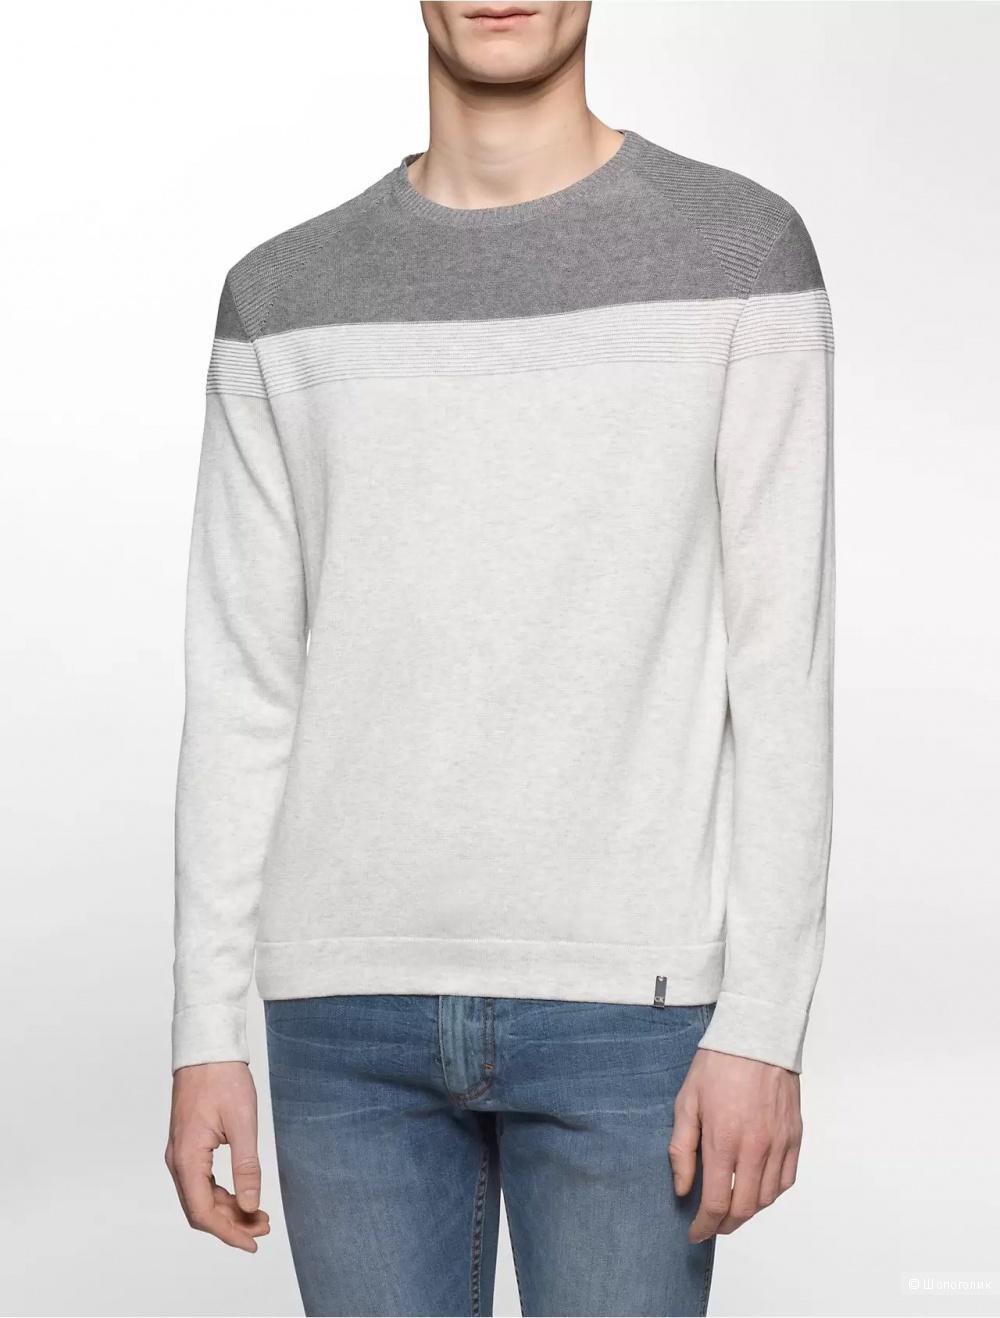 Джемпер мужской Calvin Klein размер L (52)